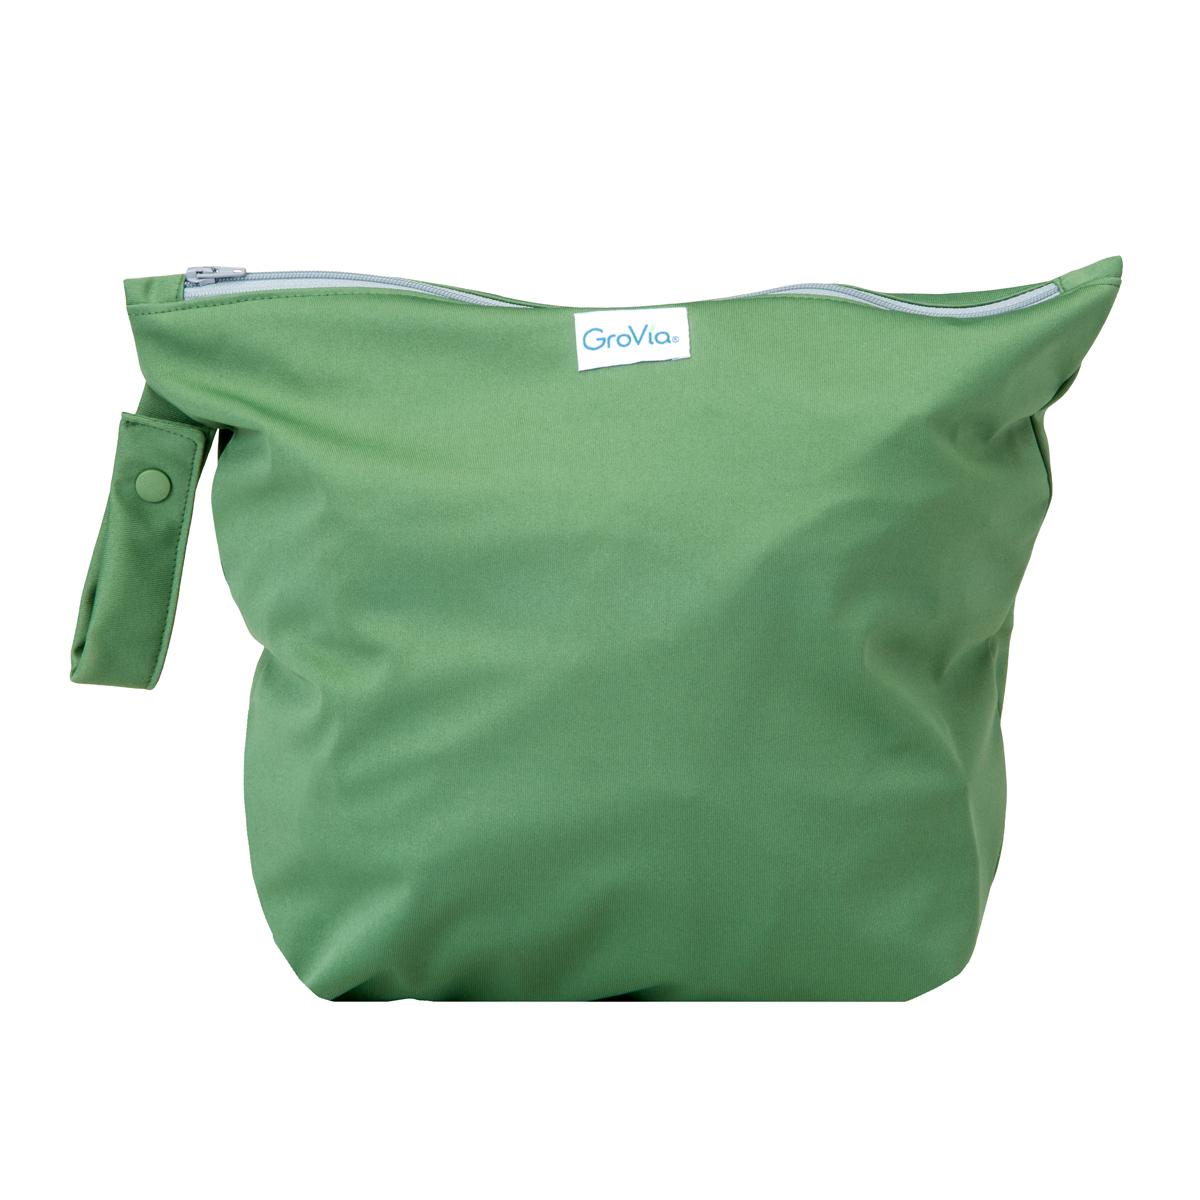 Zippered-Wetbag S, GroVia